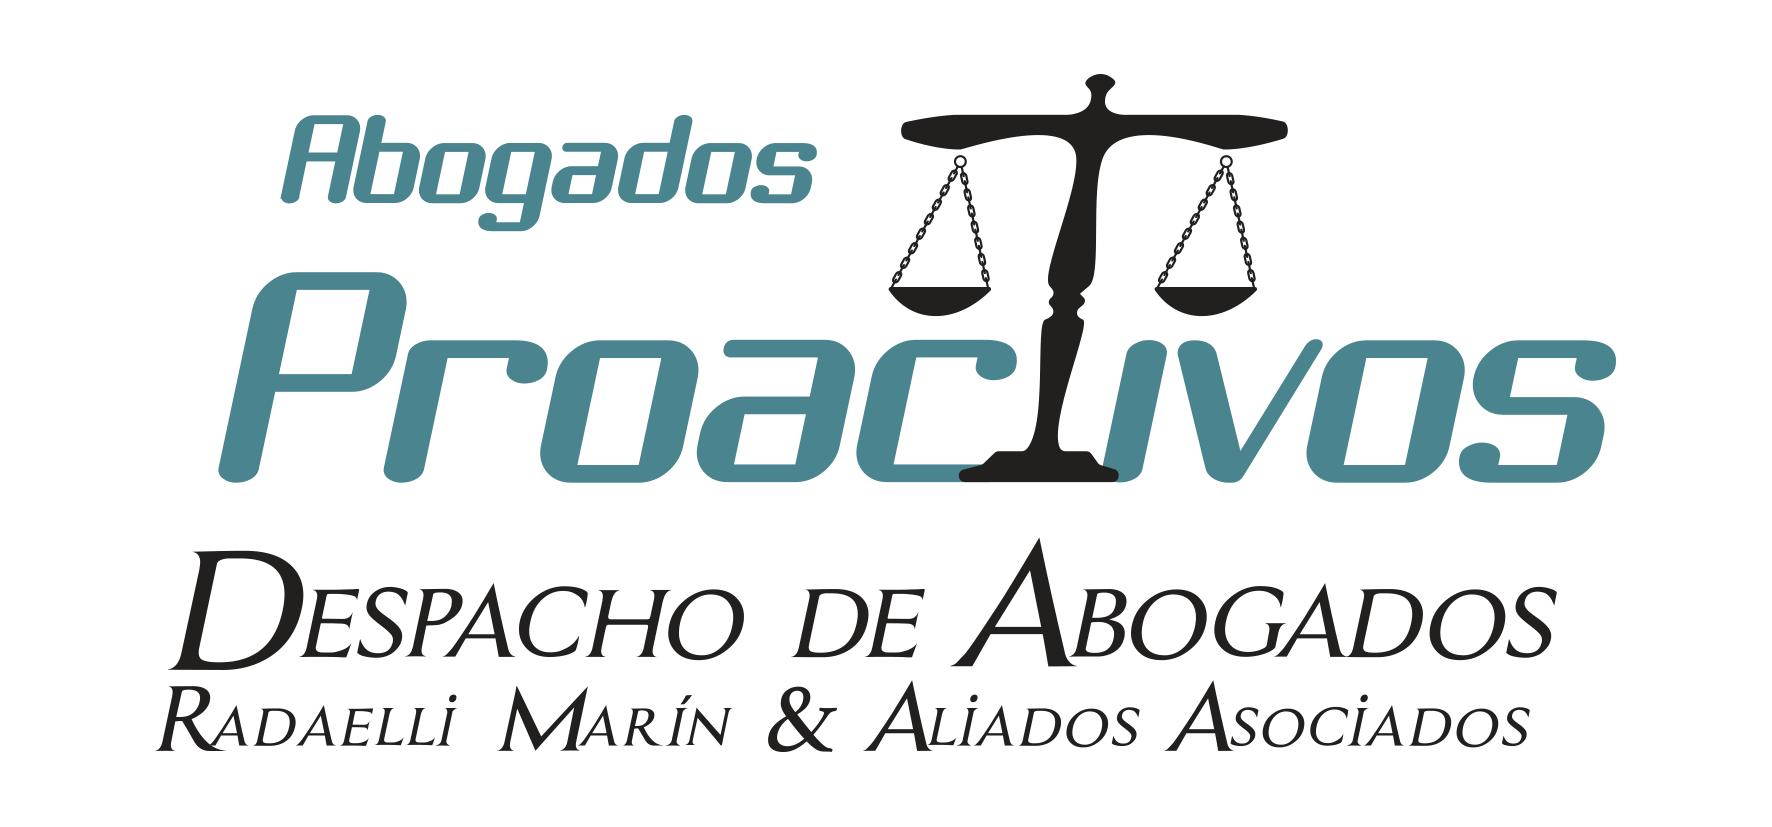 normativas-pasaporte-ordinario-prorroga-nuevos-SAIME-abogados-proactivos-logo-movidatuy.com